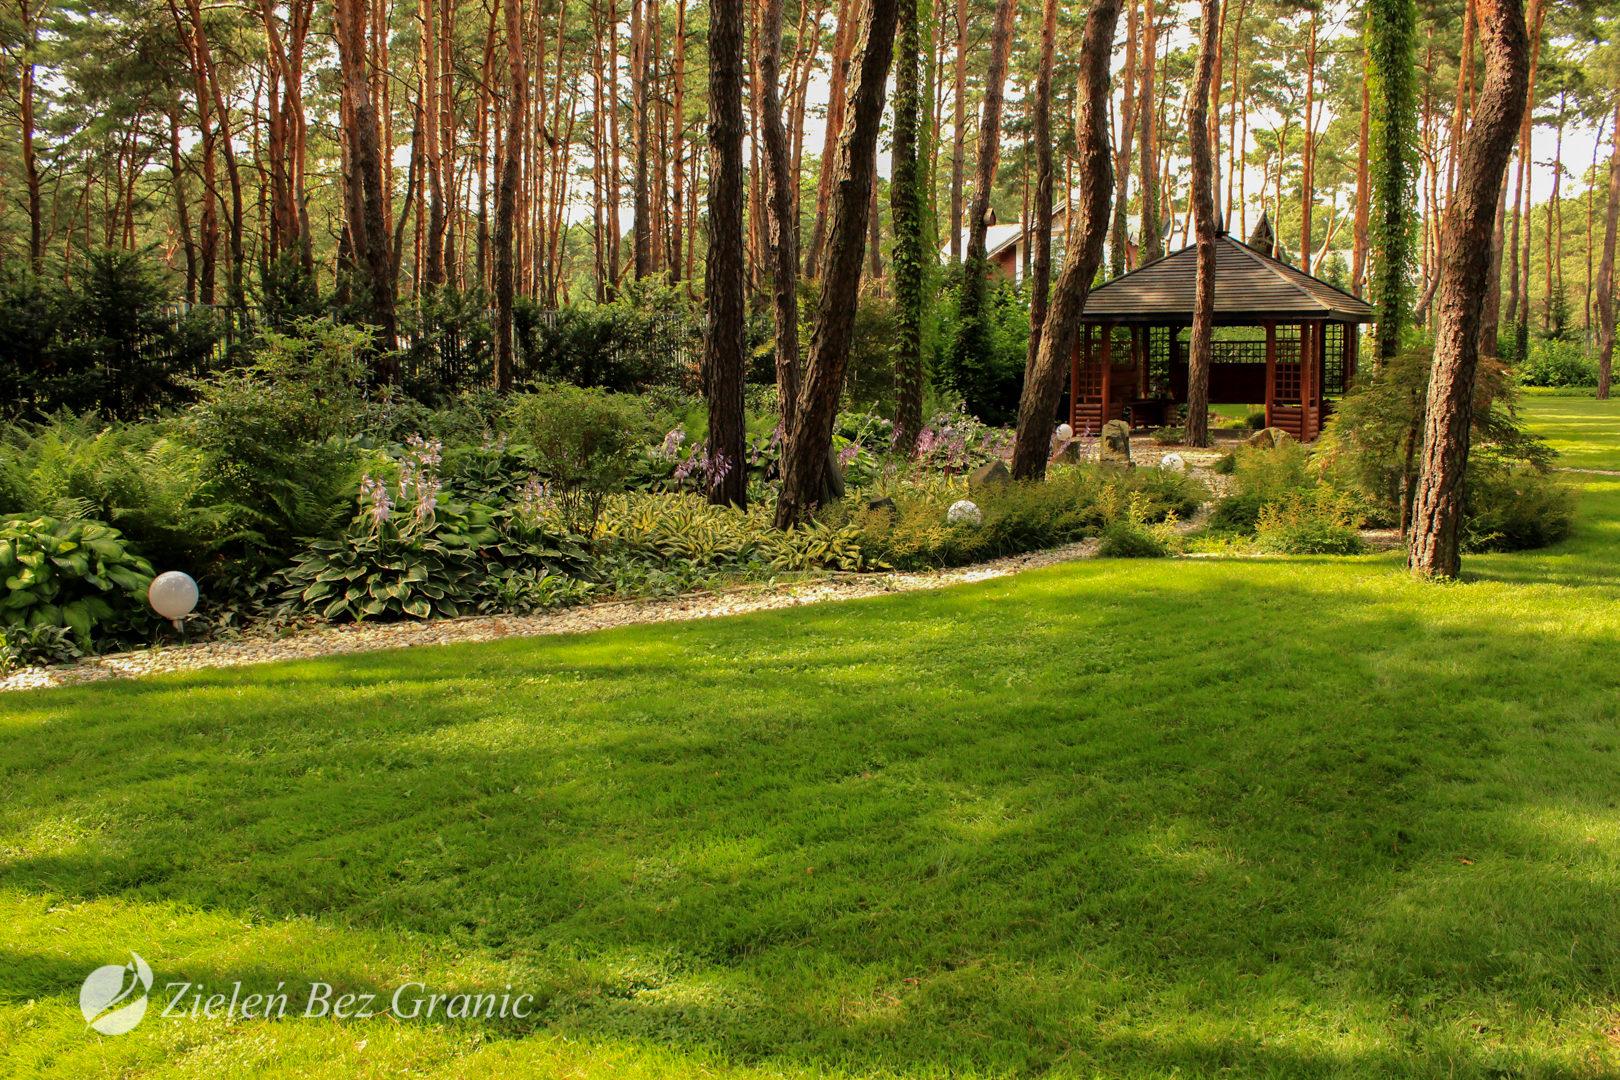 Duża powierzchnia trawnika.